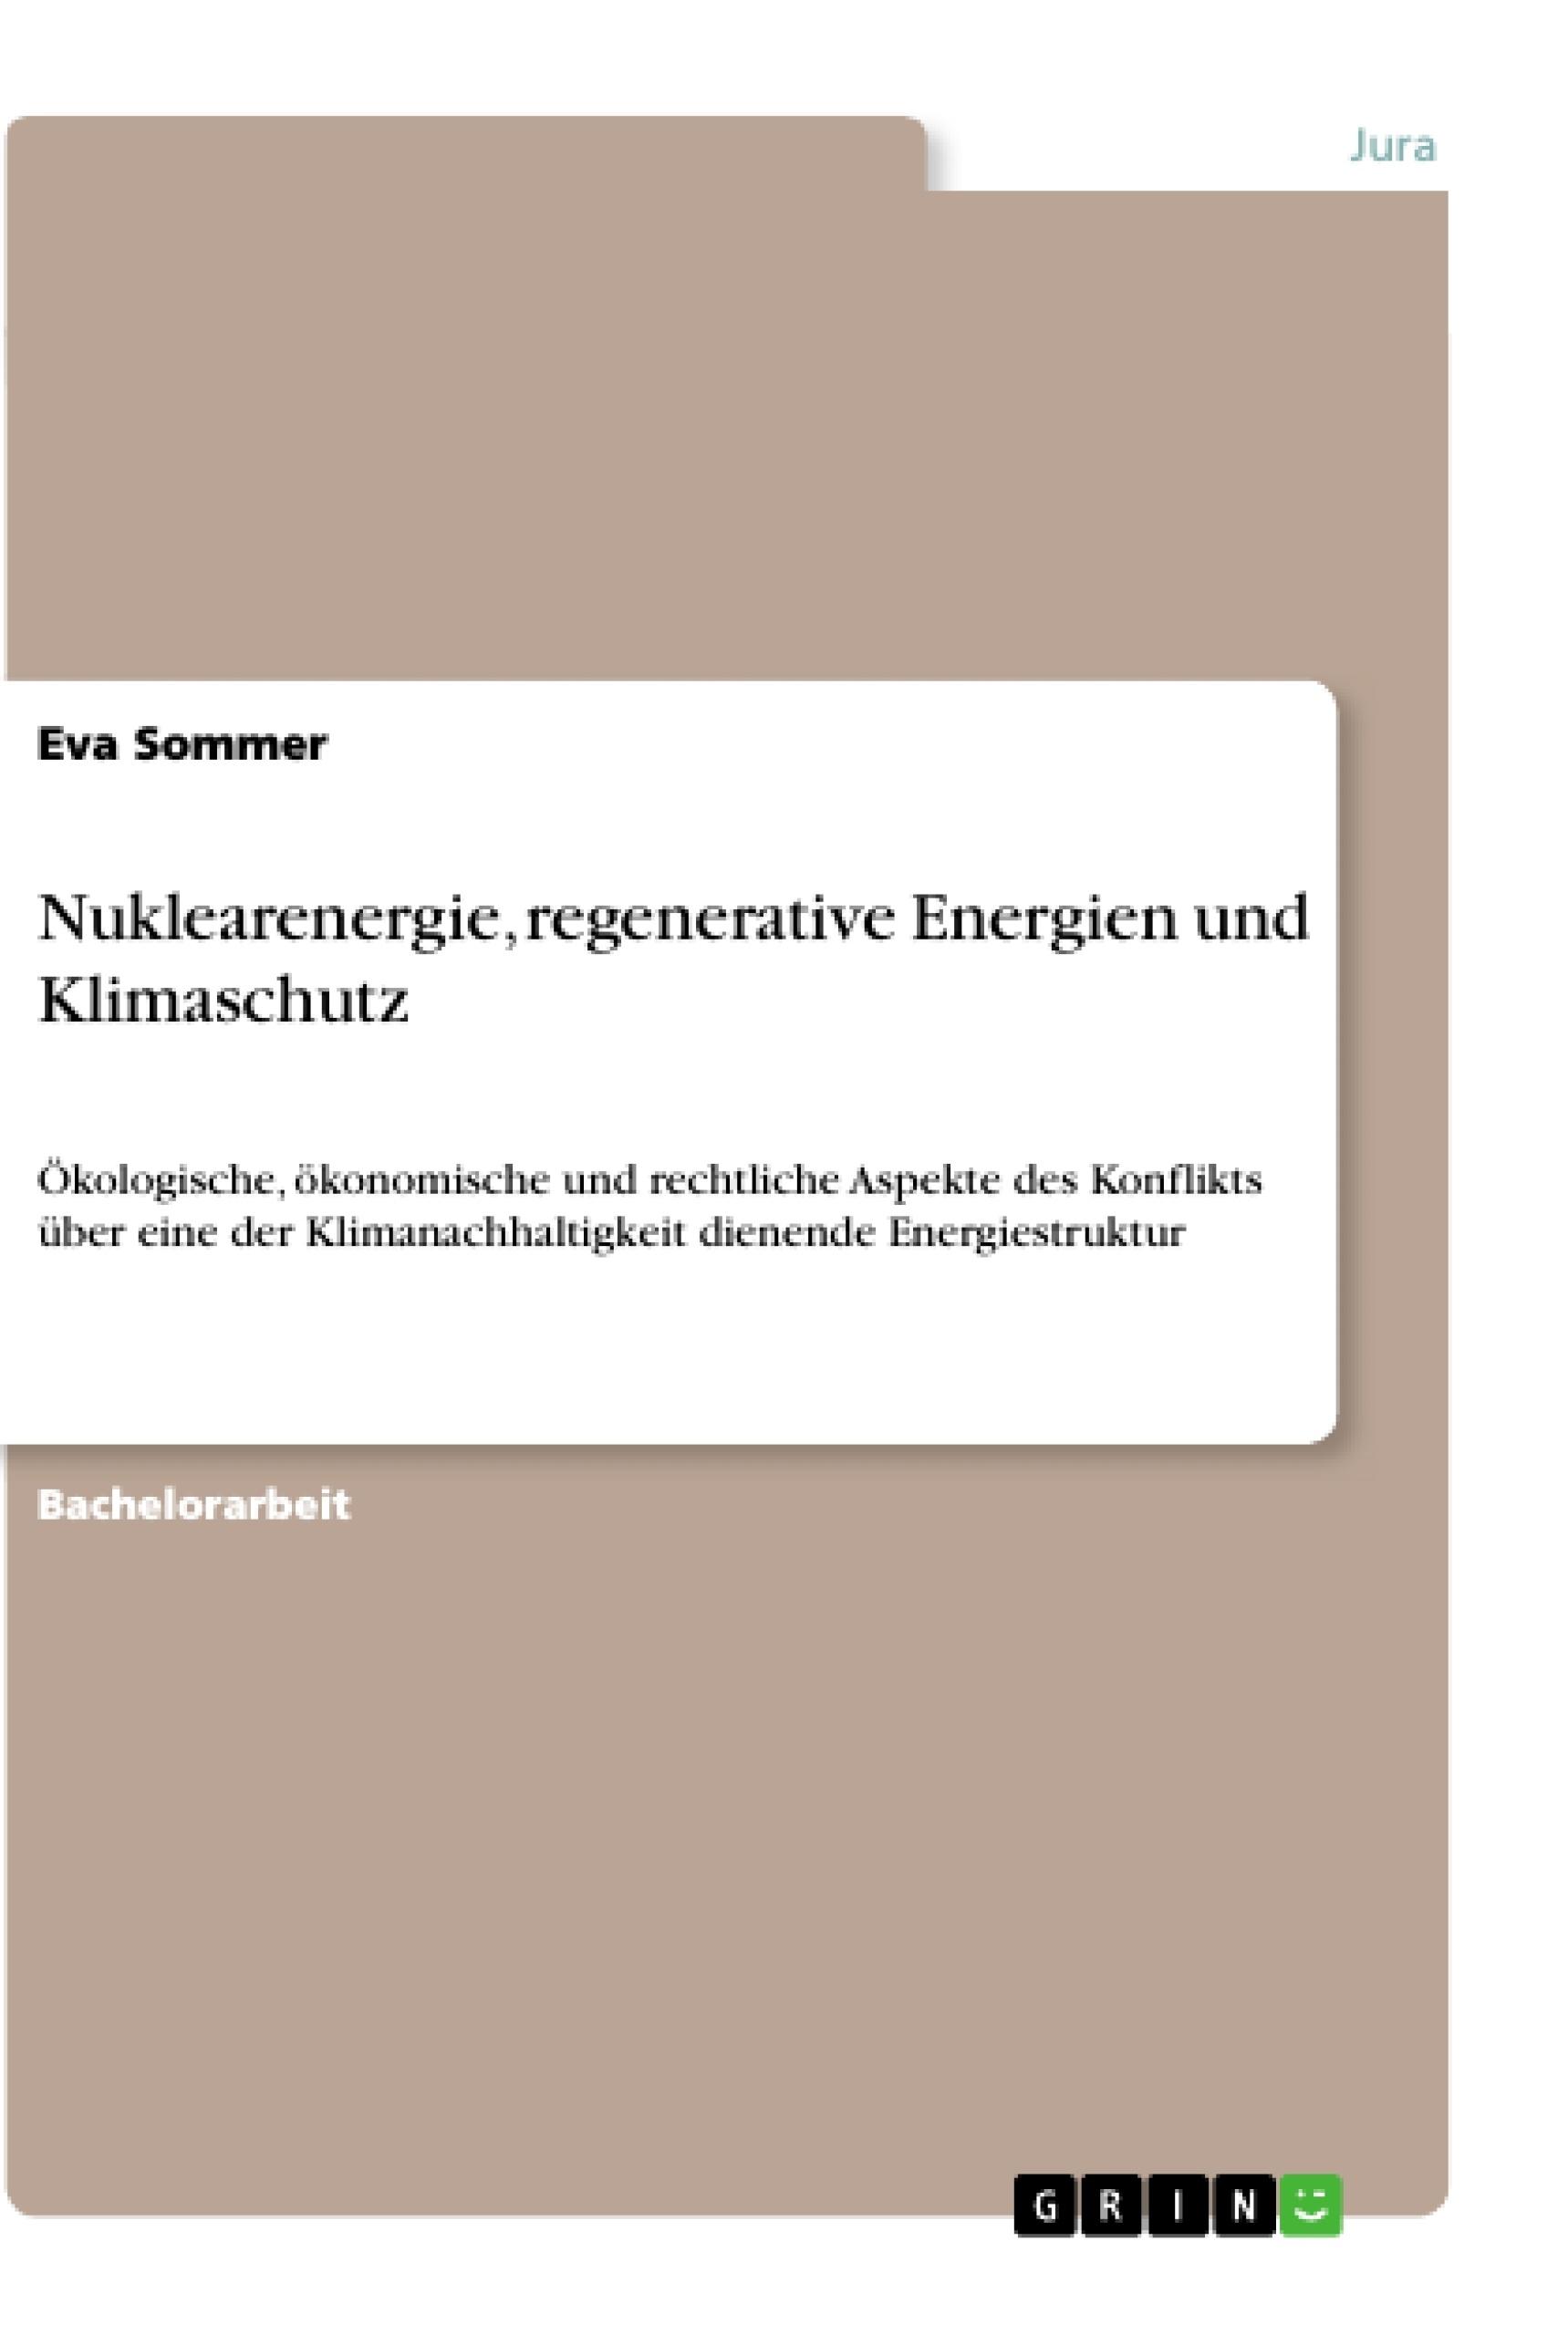 Titel: Nuklearenergie, regenerative Energien und Klimaschutz